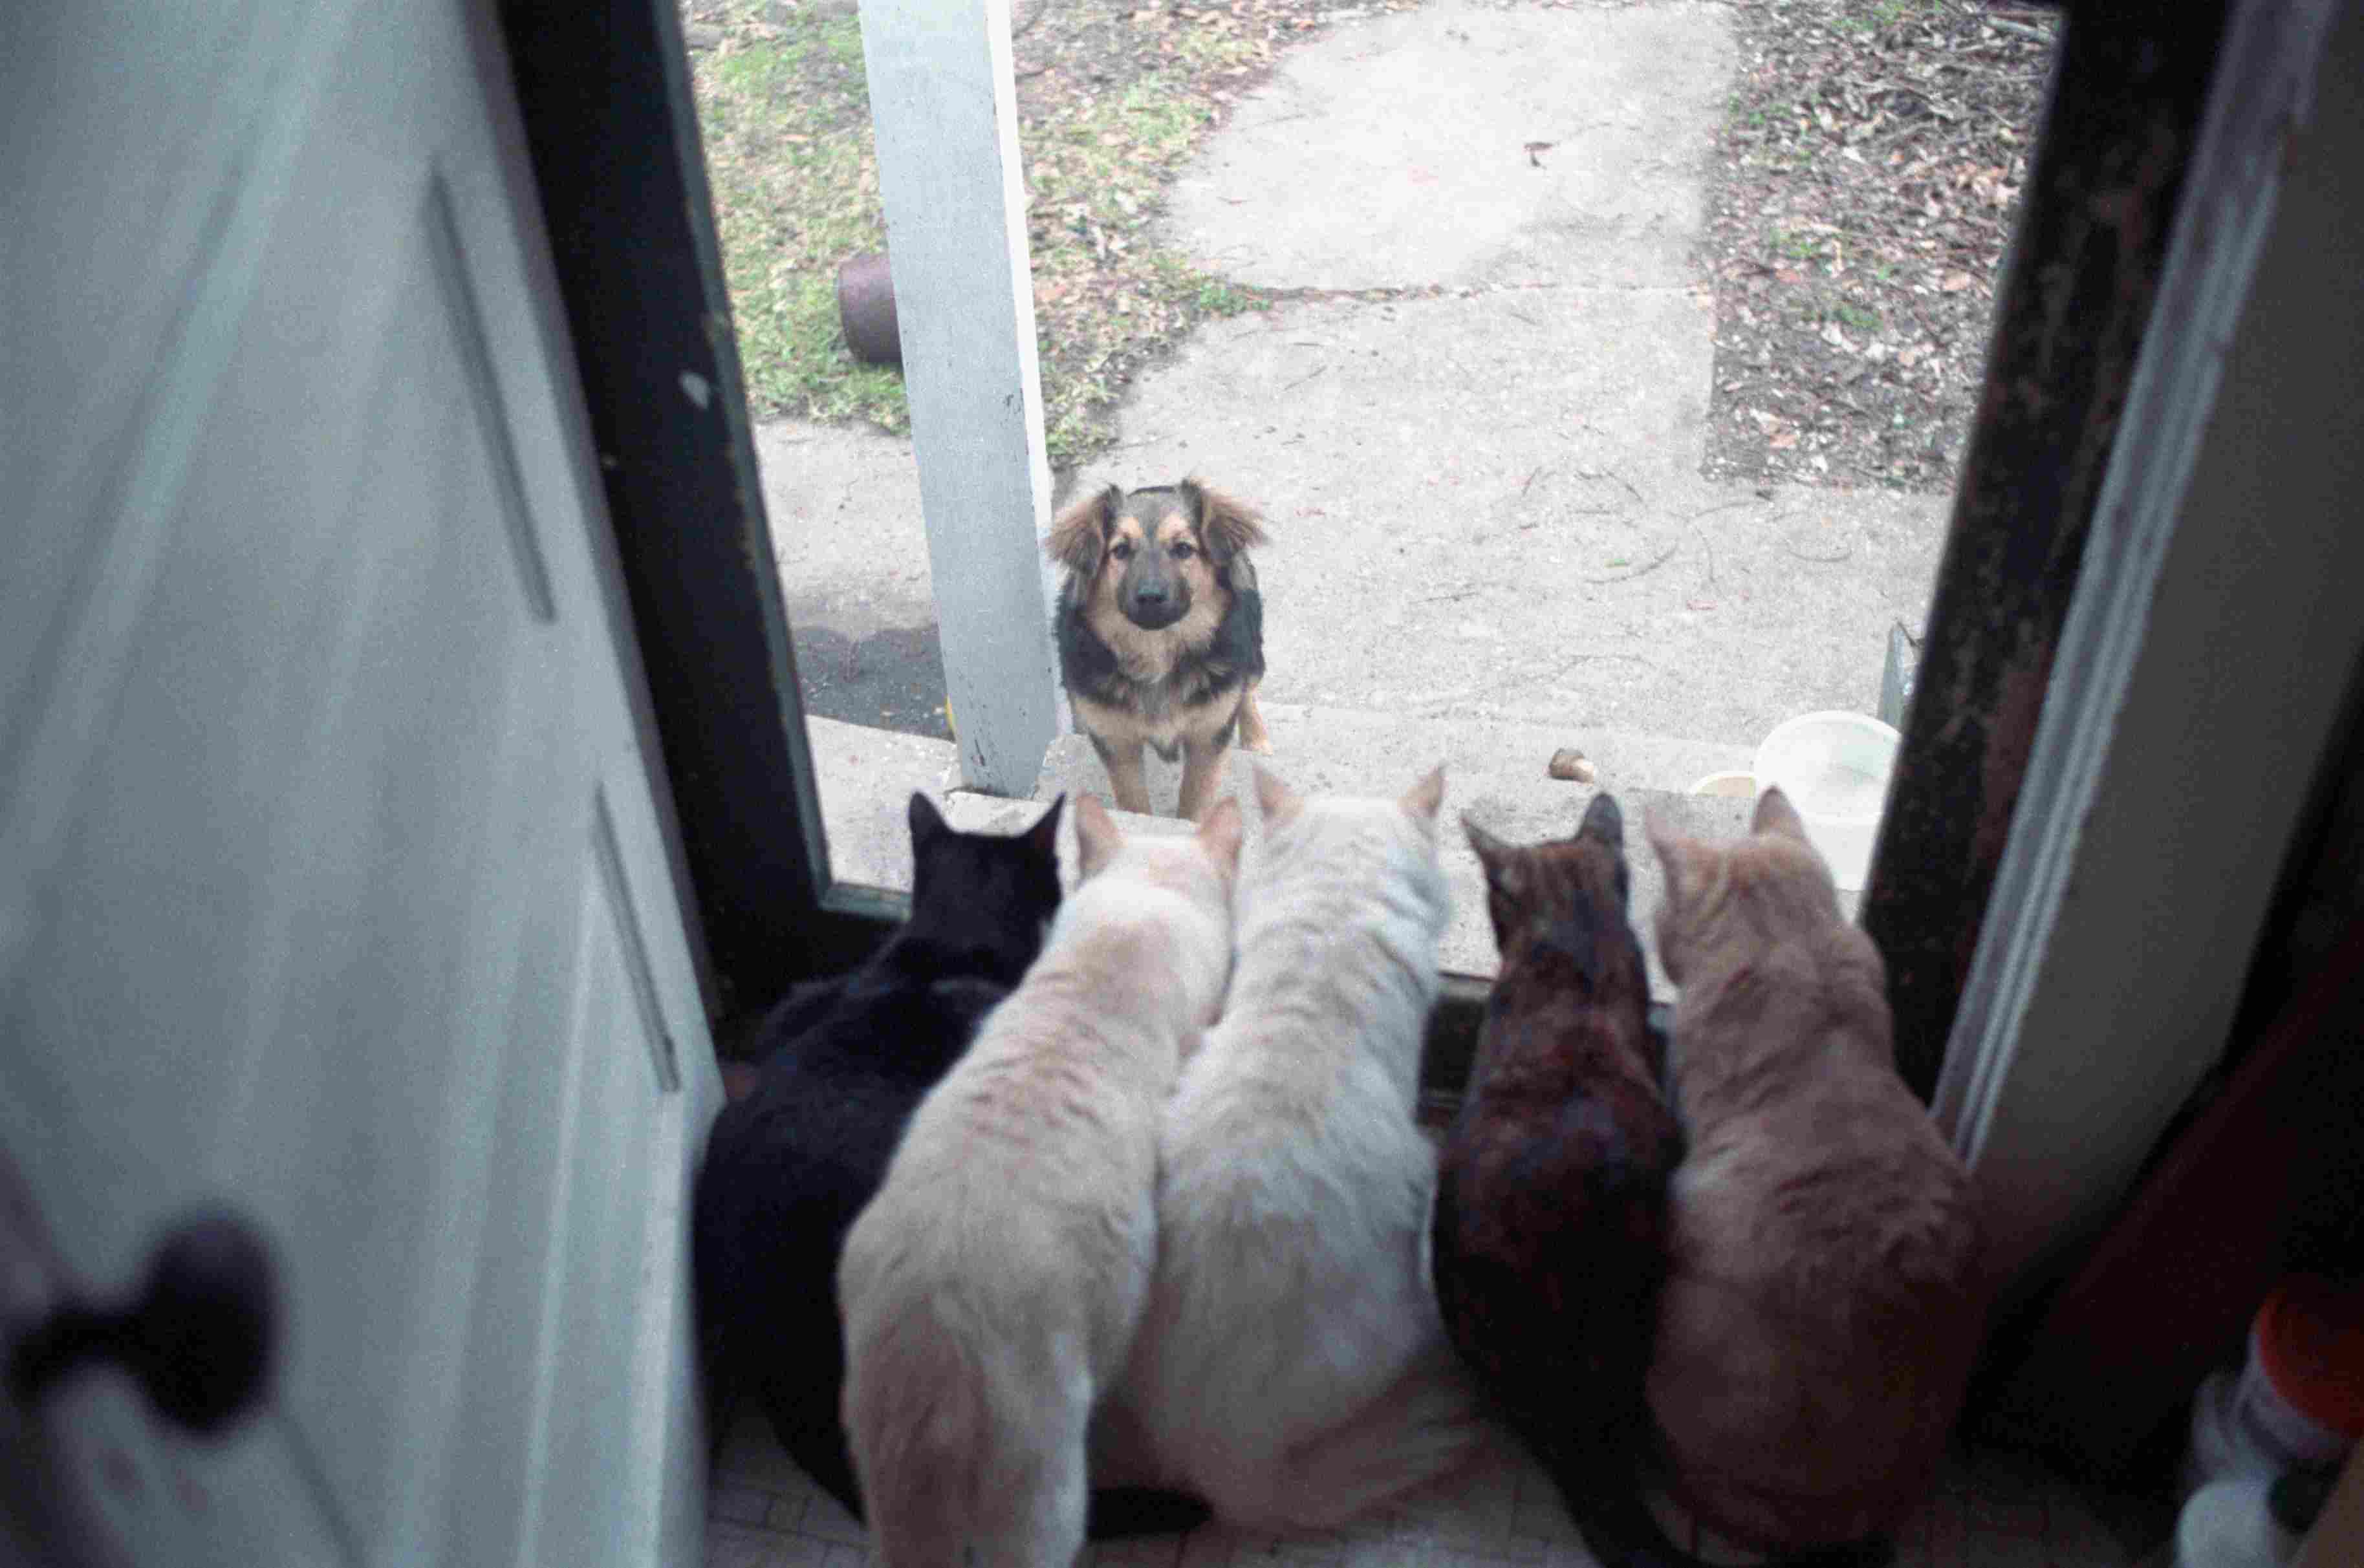 Perro mirando por la ventana forrada de gato